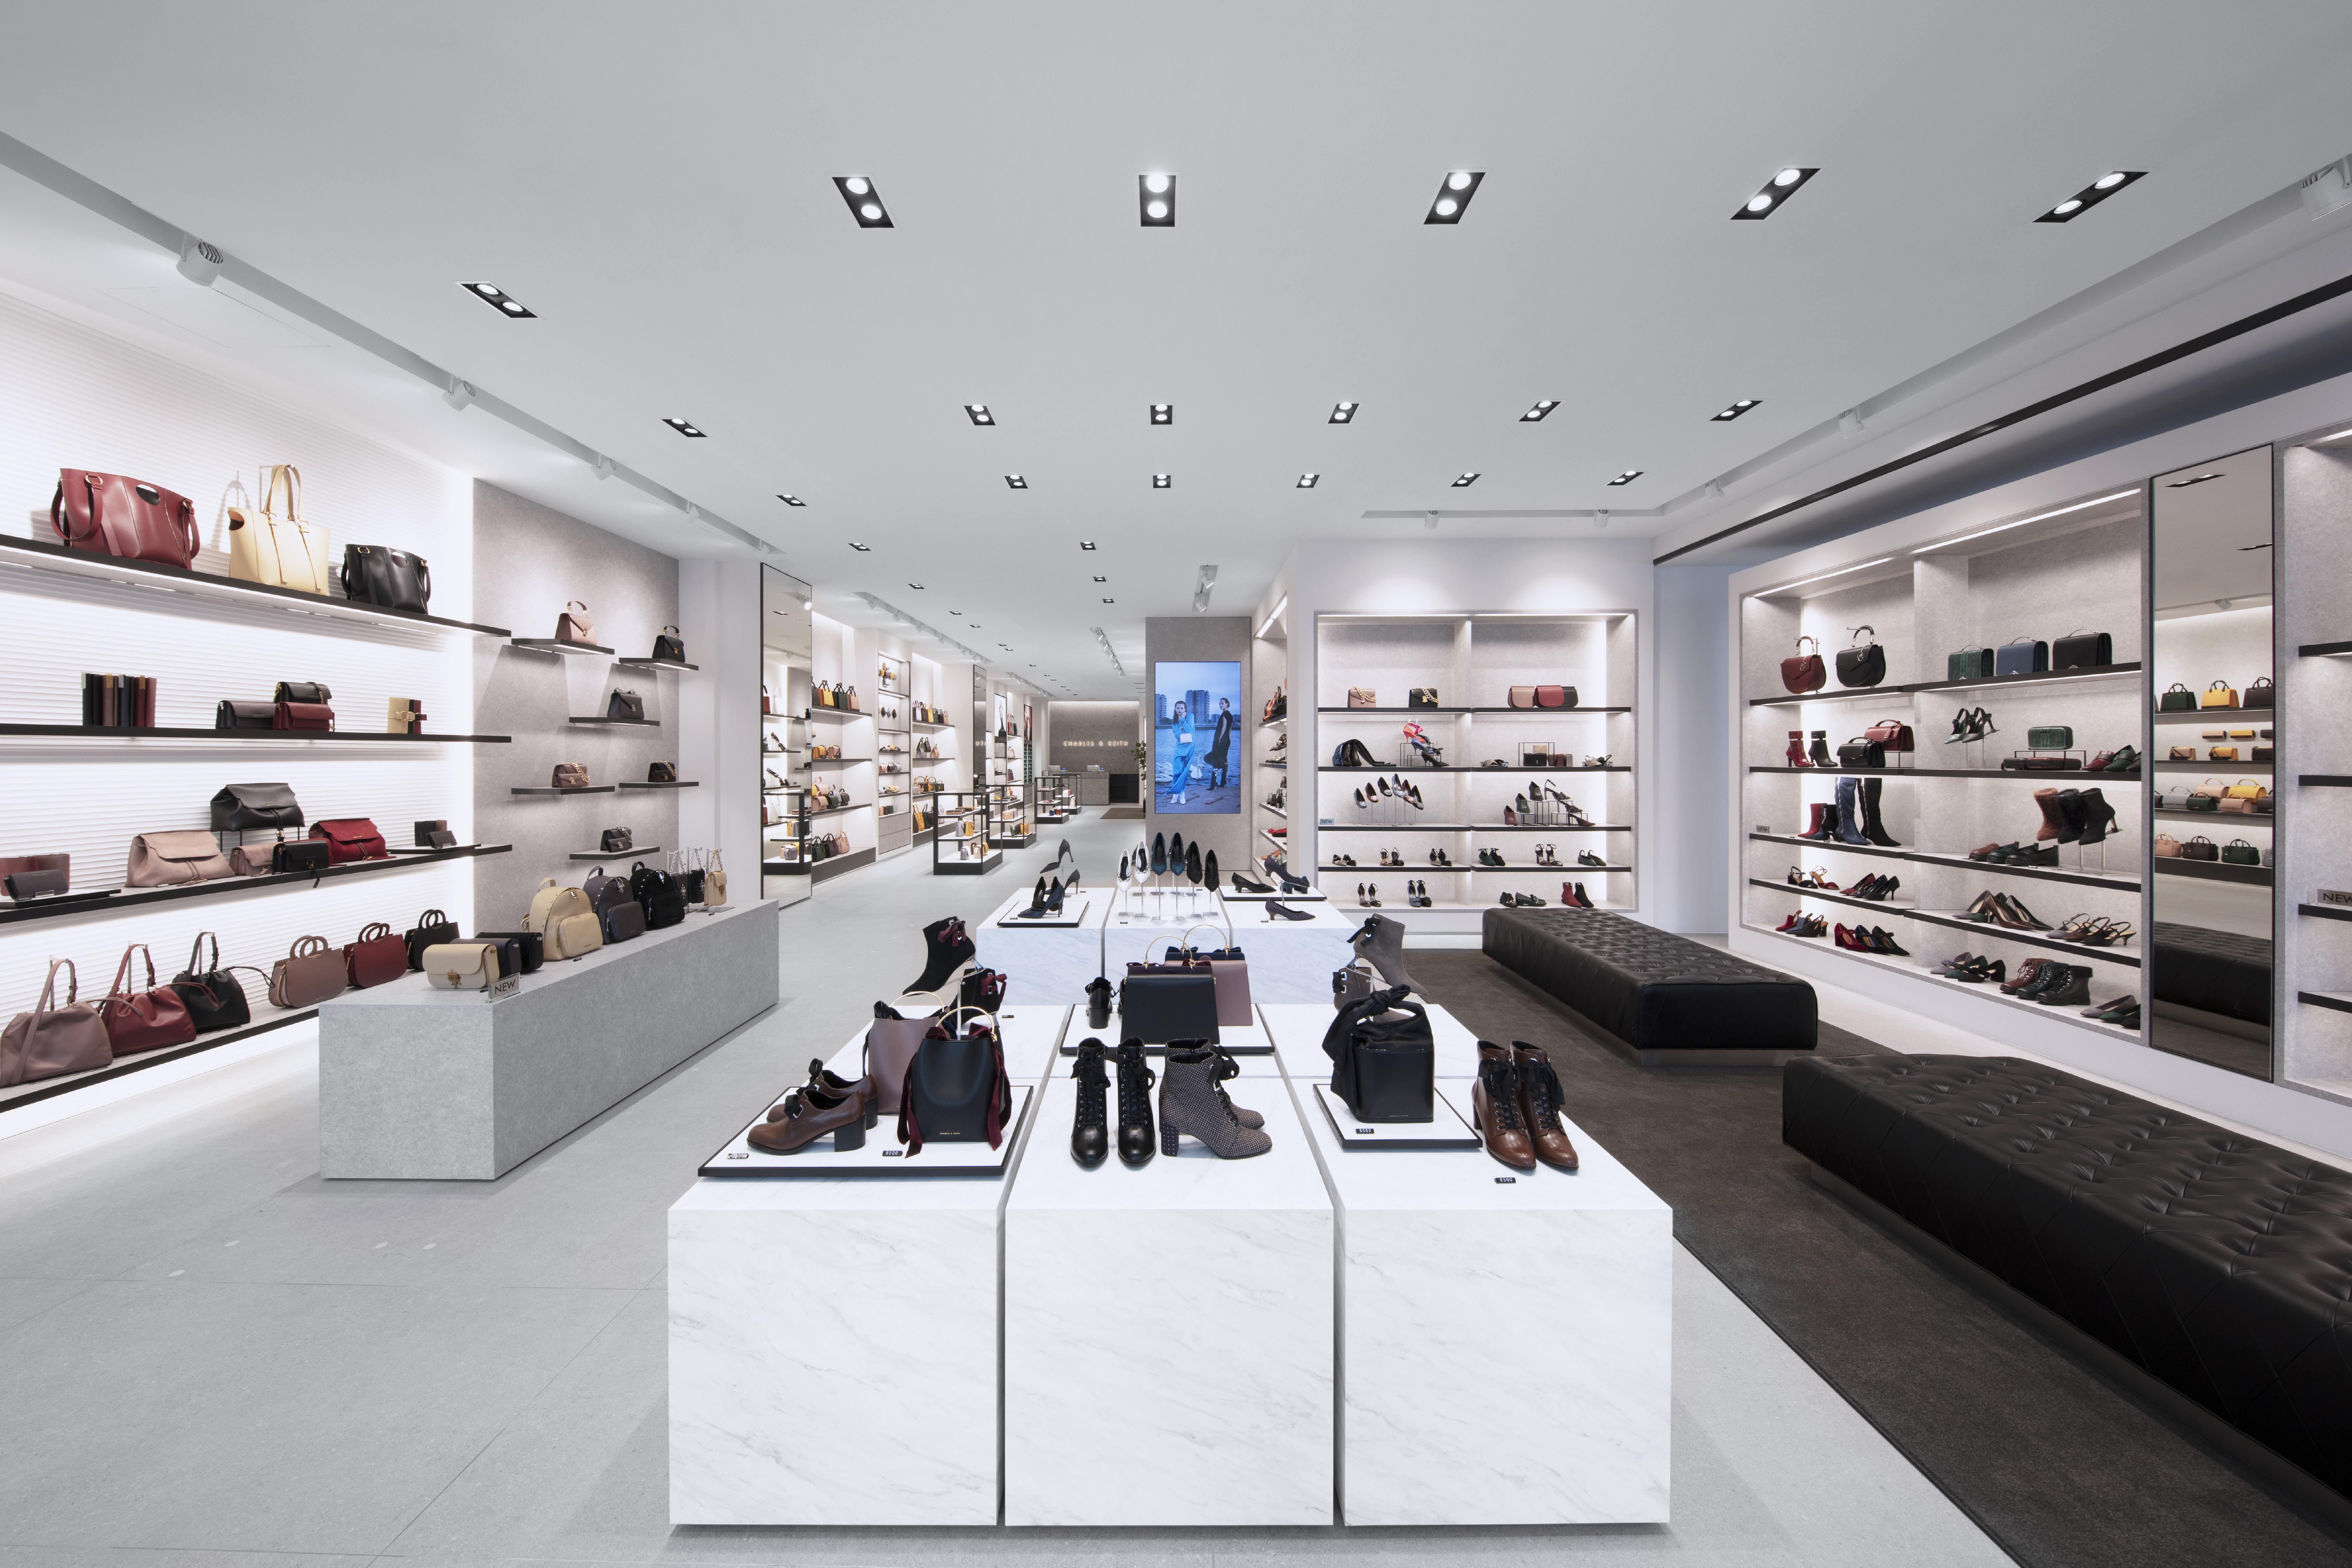 新店舗は三越や松坂屋、プレミアムブランドの店舗を誇る商業地区である「栄」エリアに位置する名古屋パルコ西館の                向かい、名古屋ゼロゲート内にオープン致します。